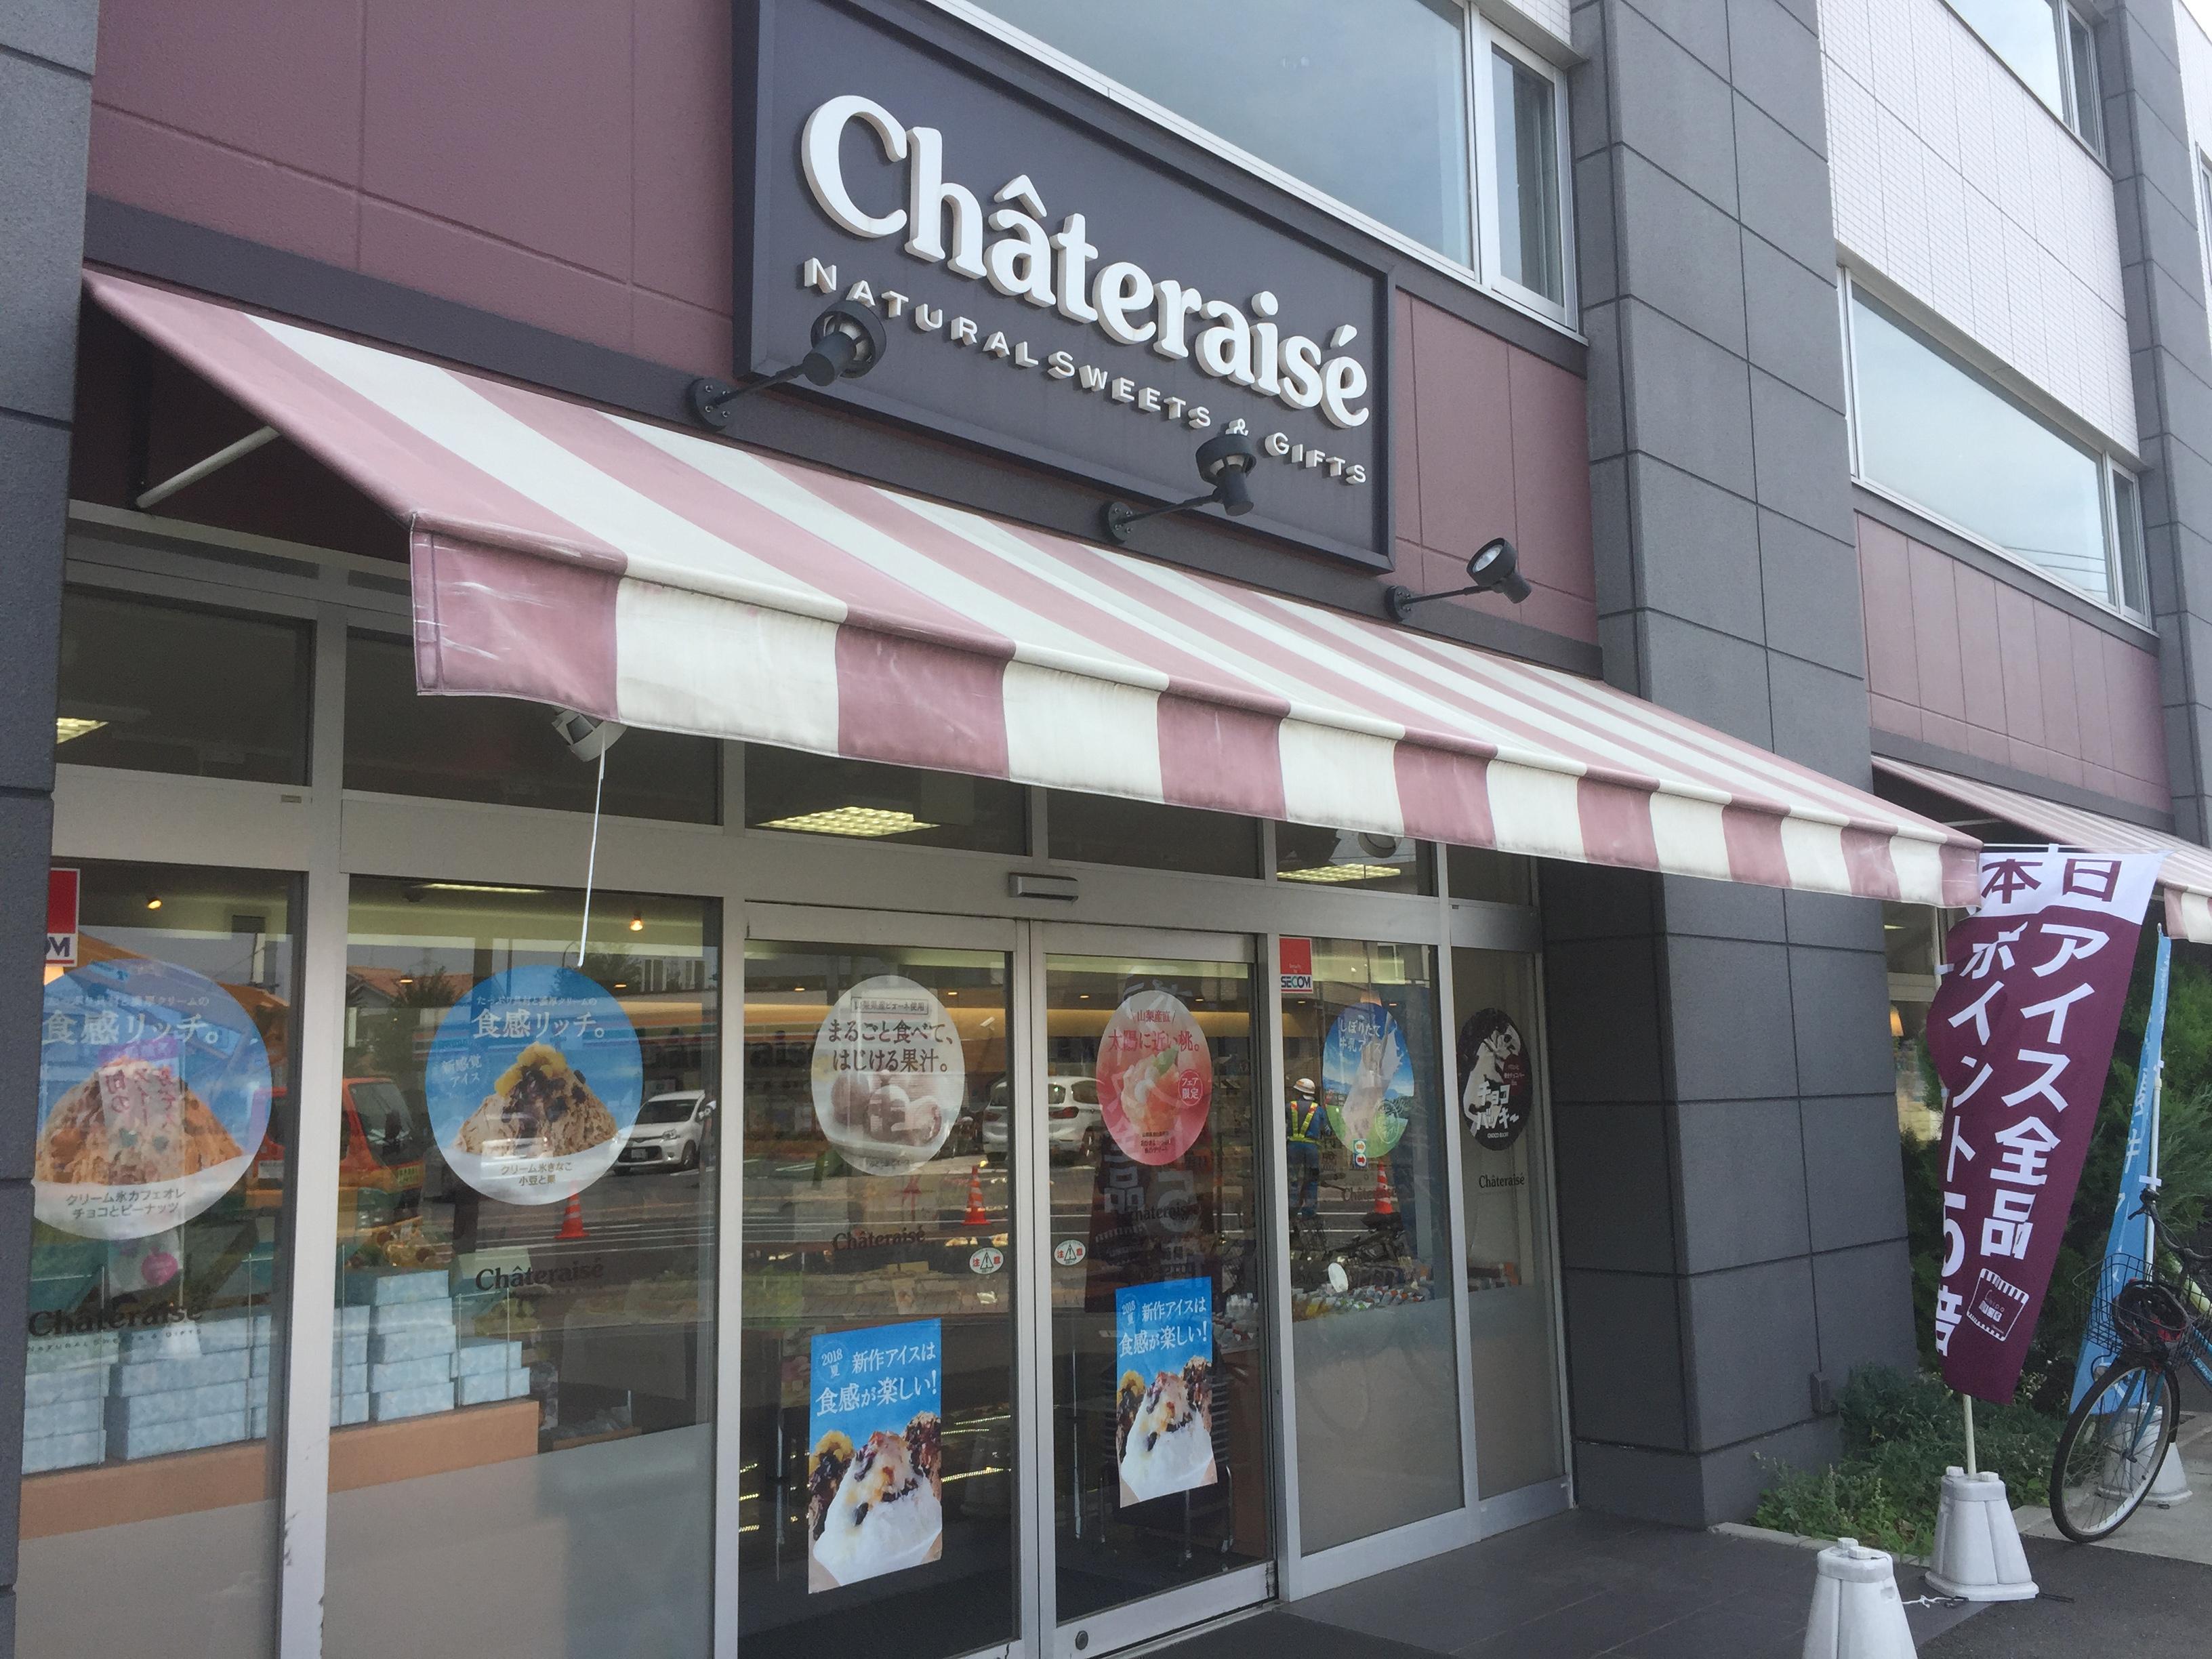 シャトレーゼの店舗や営業時間、商品や工場見学について